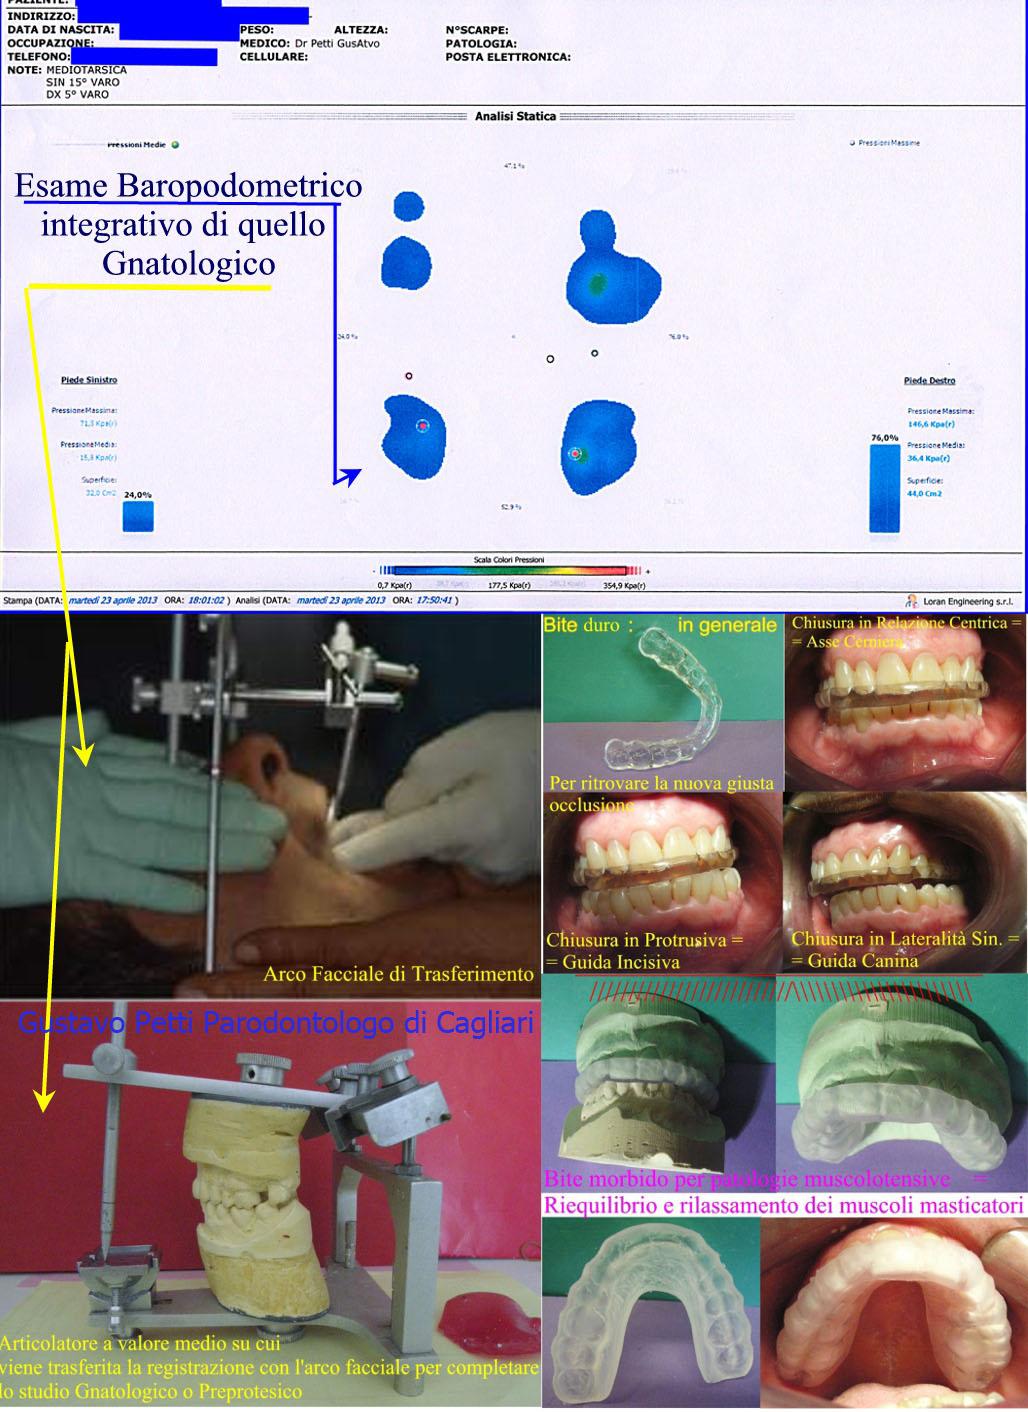 analisi-gnatologica-dr-g.petti-cagliari-293.jpg